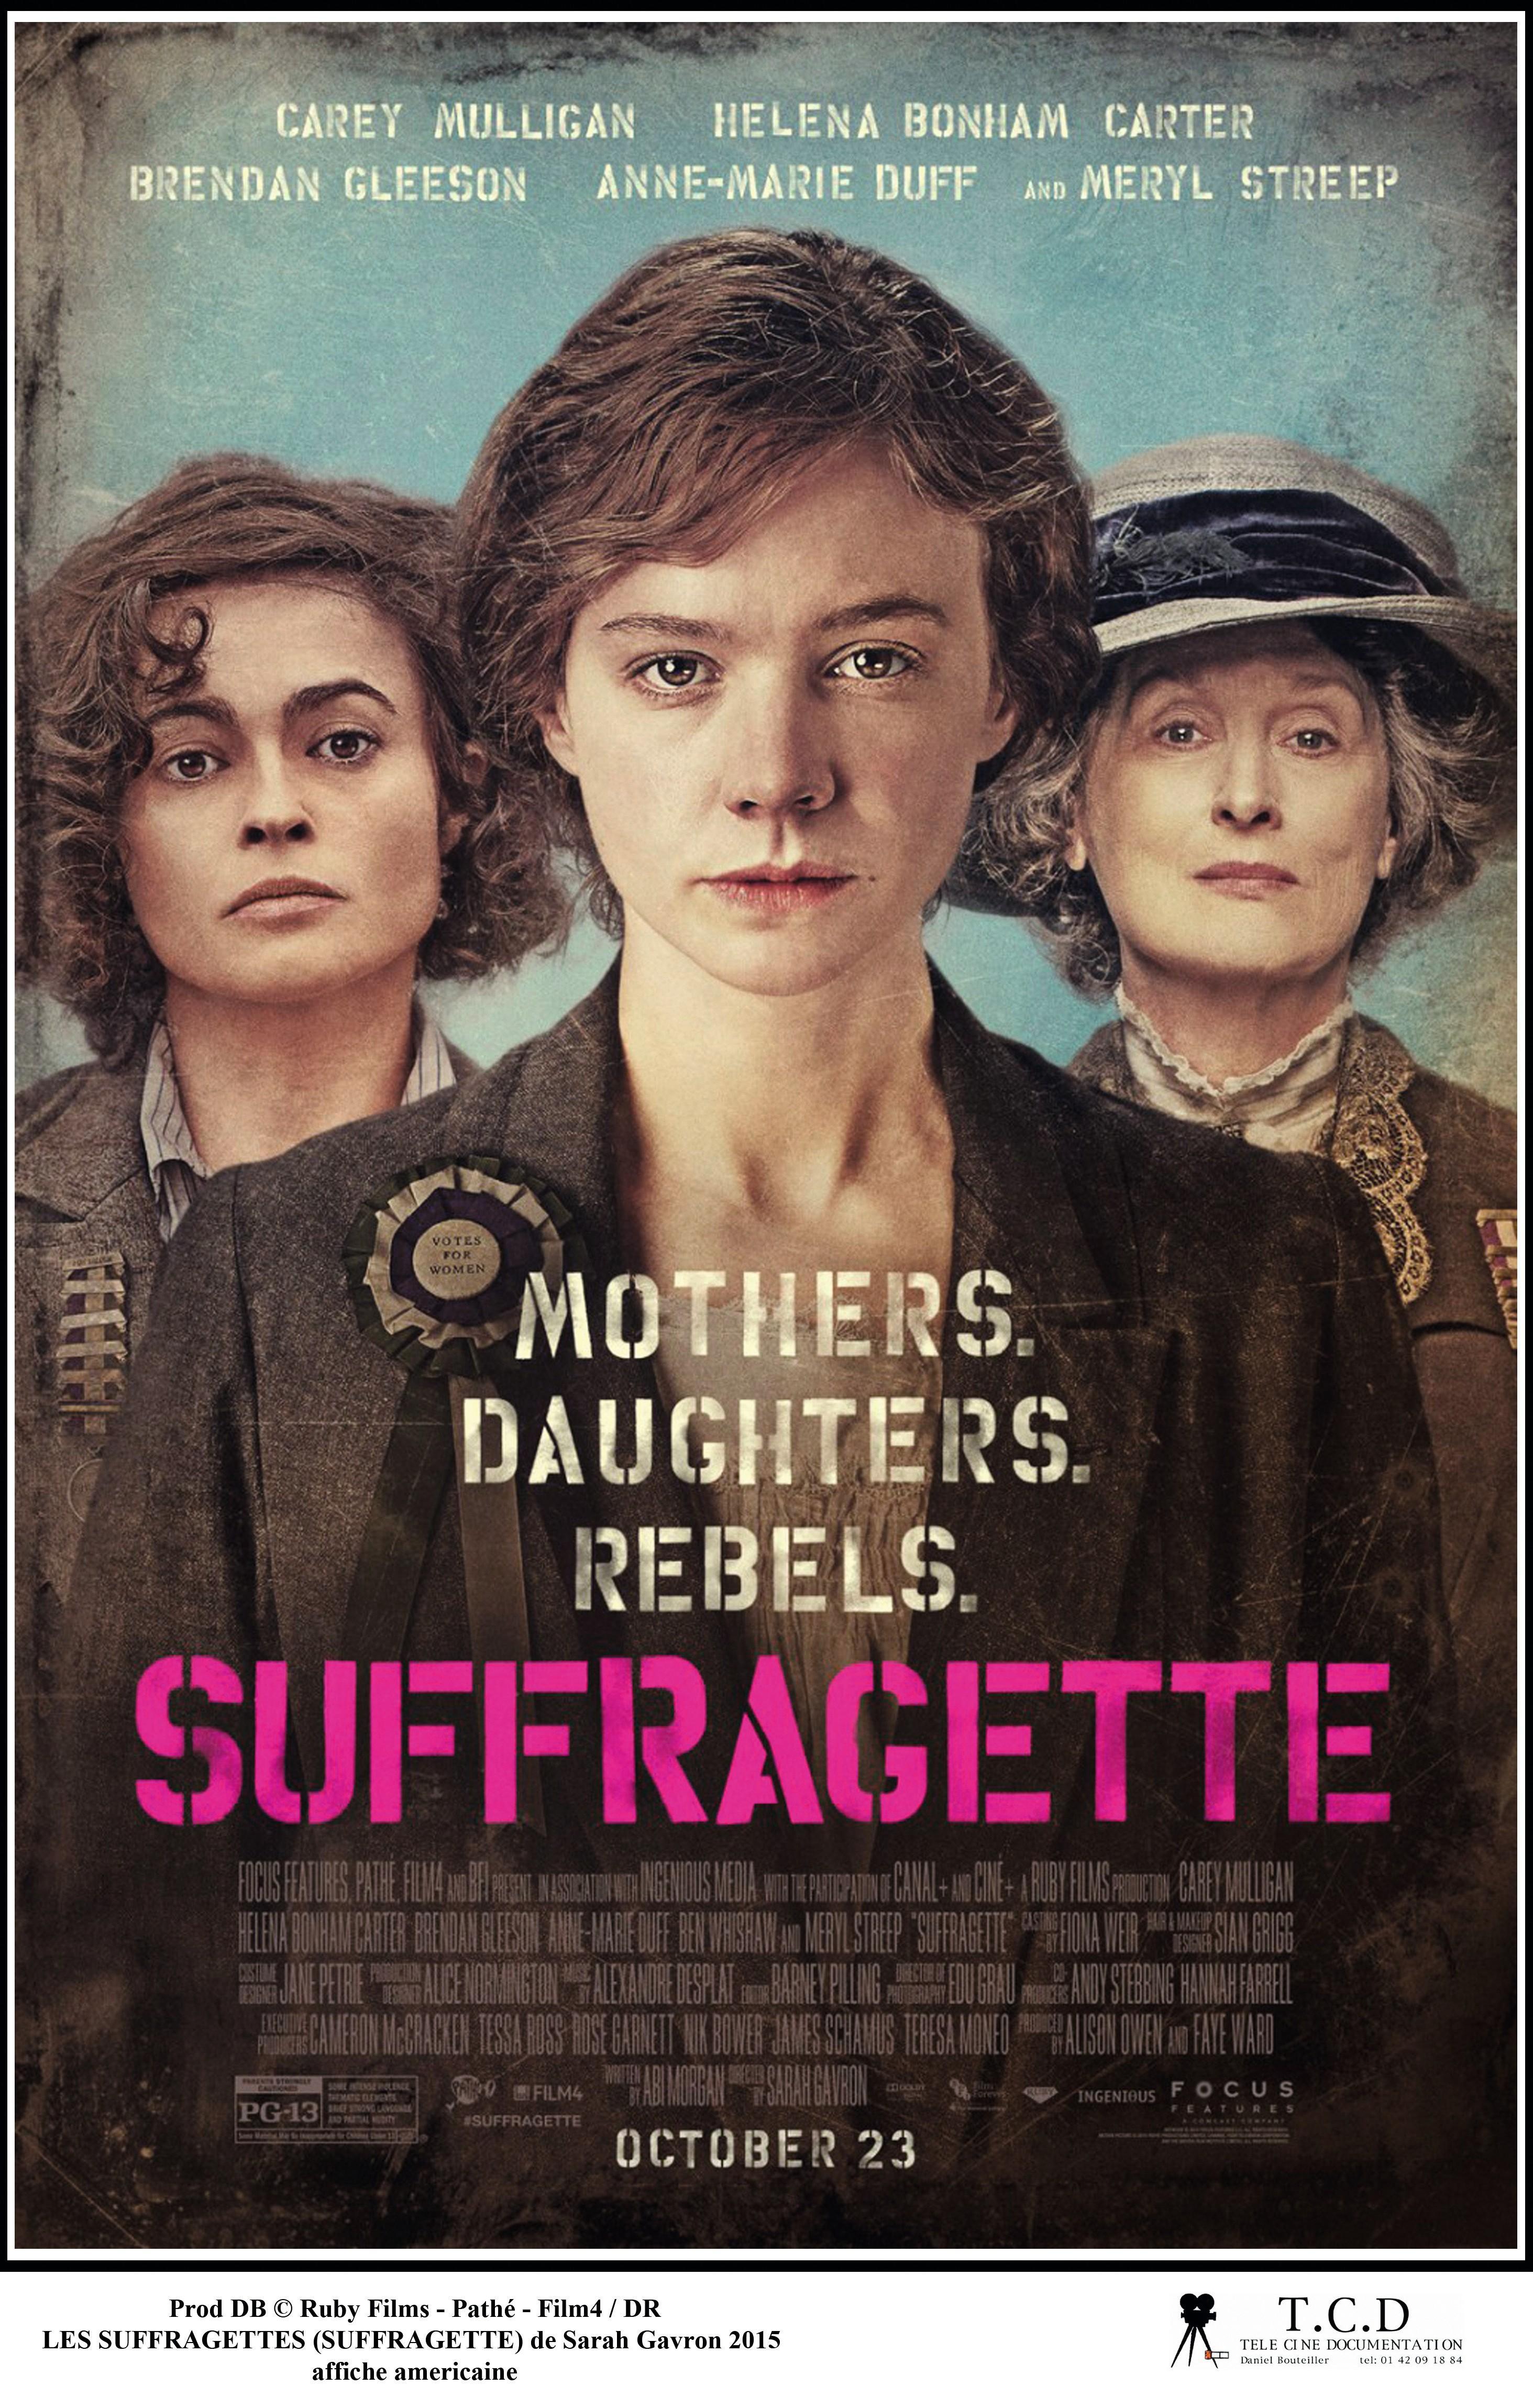 Suffragette, by Sarah Gavron, 2015